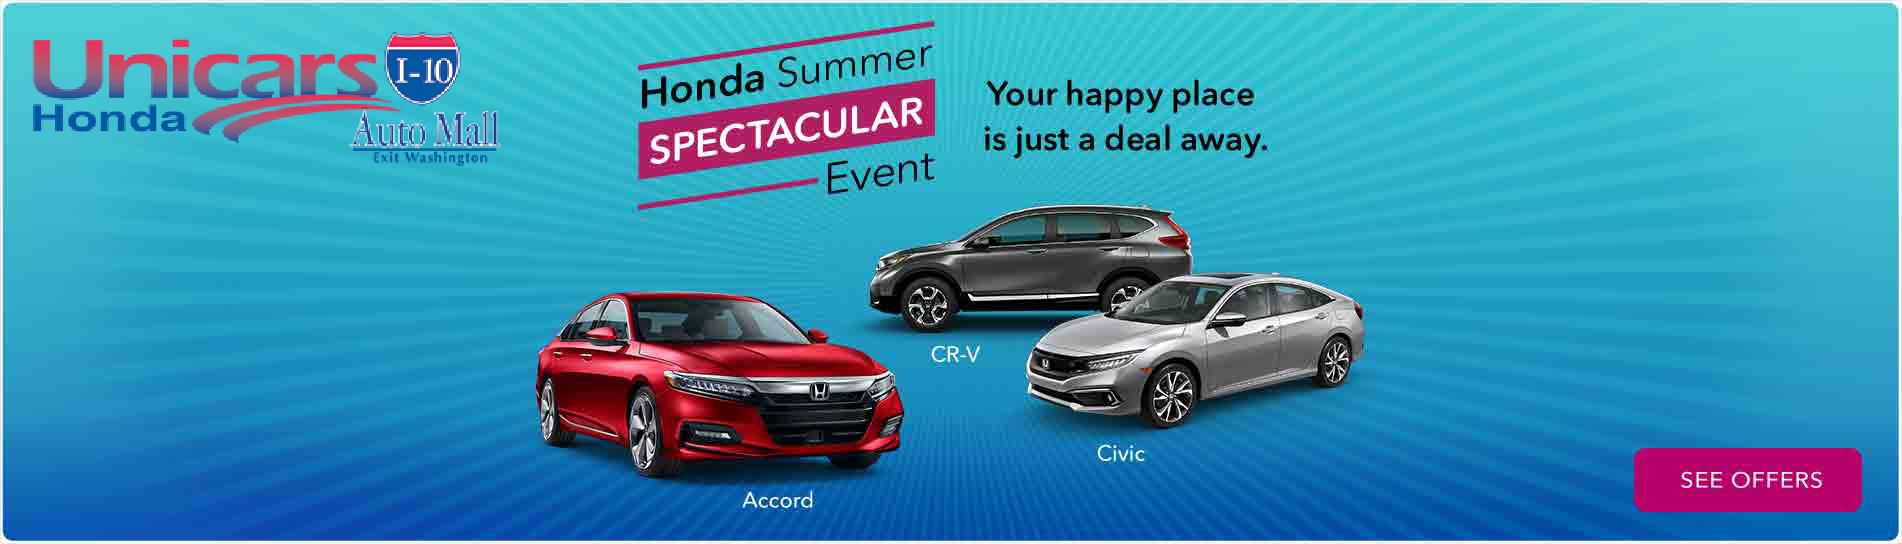 Honda Financial Services Account >> Honda Dealership Car Dealers Coachella Valley Ca Unicars Honda